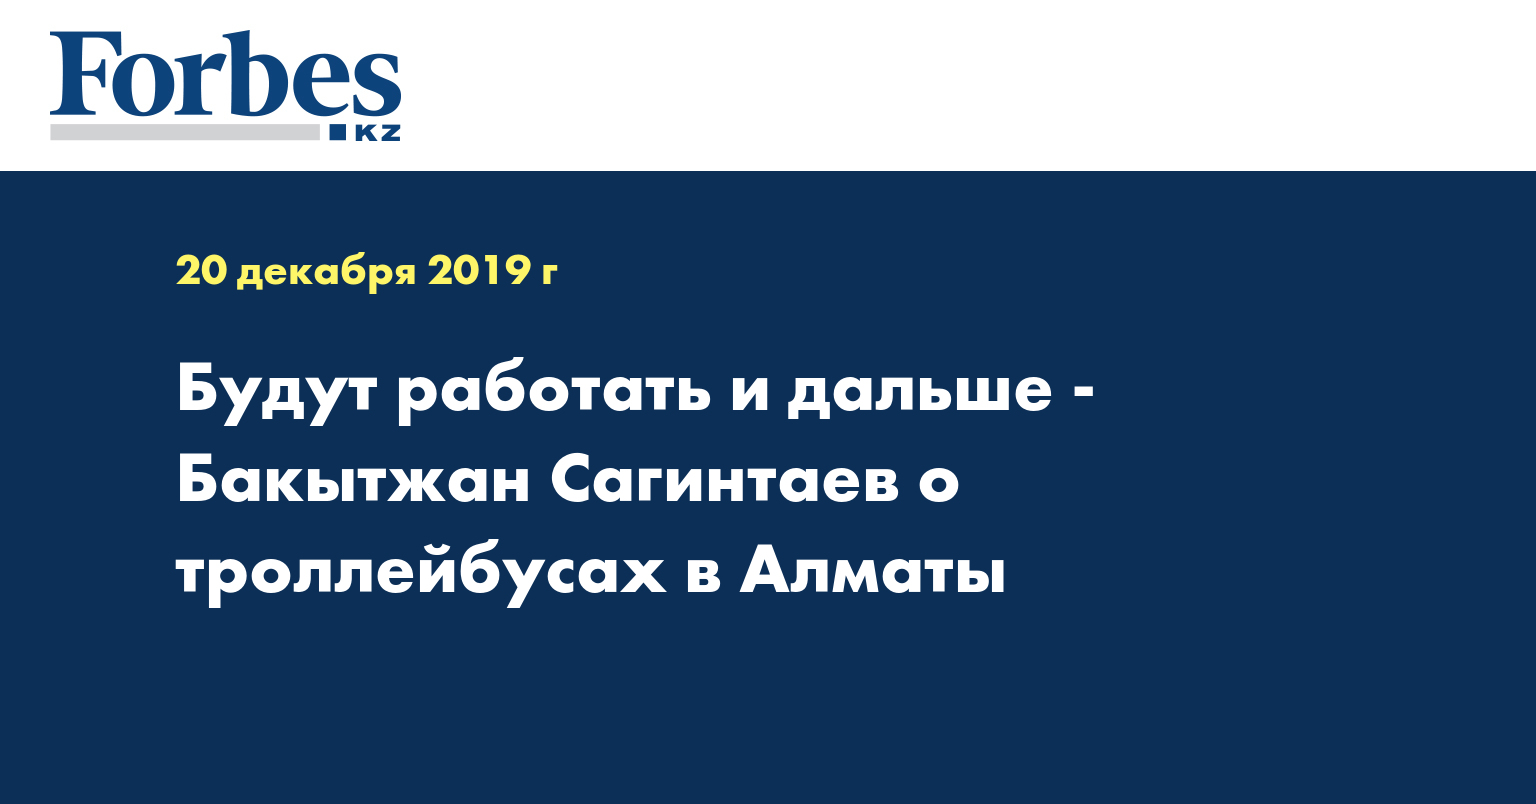 Будут работать и дальше - Бакытжан Сагинтаев о троллейбусах в Алматы